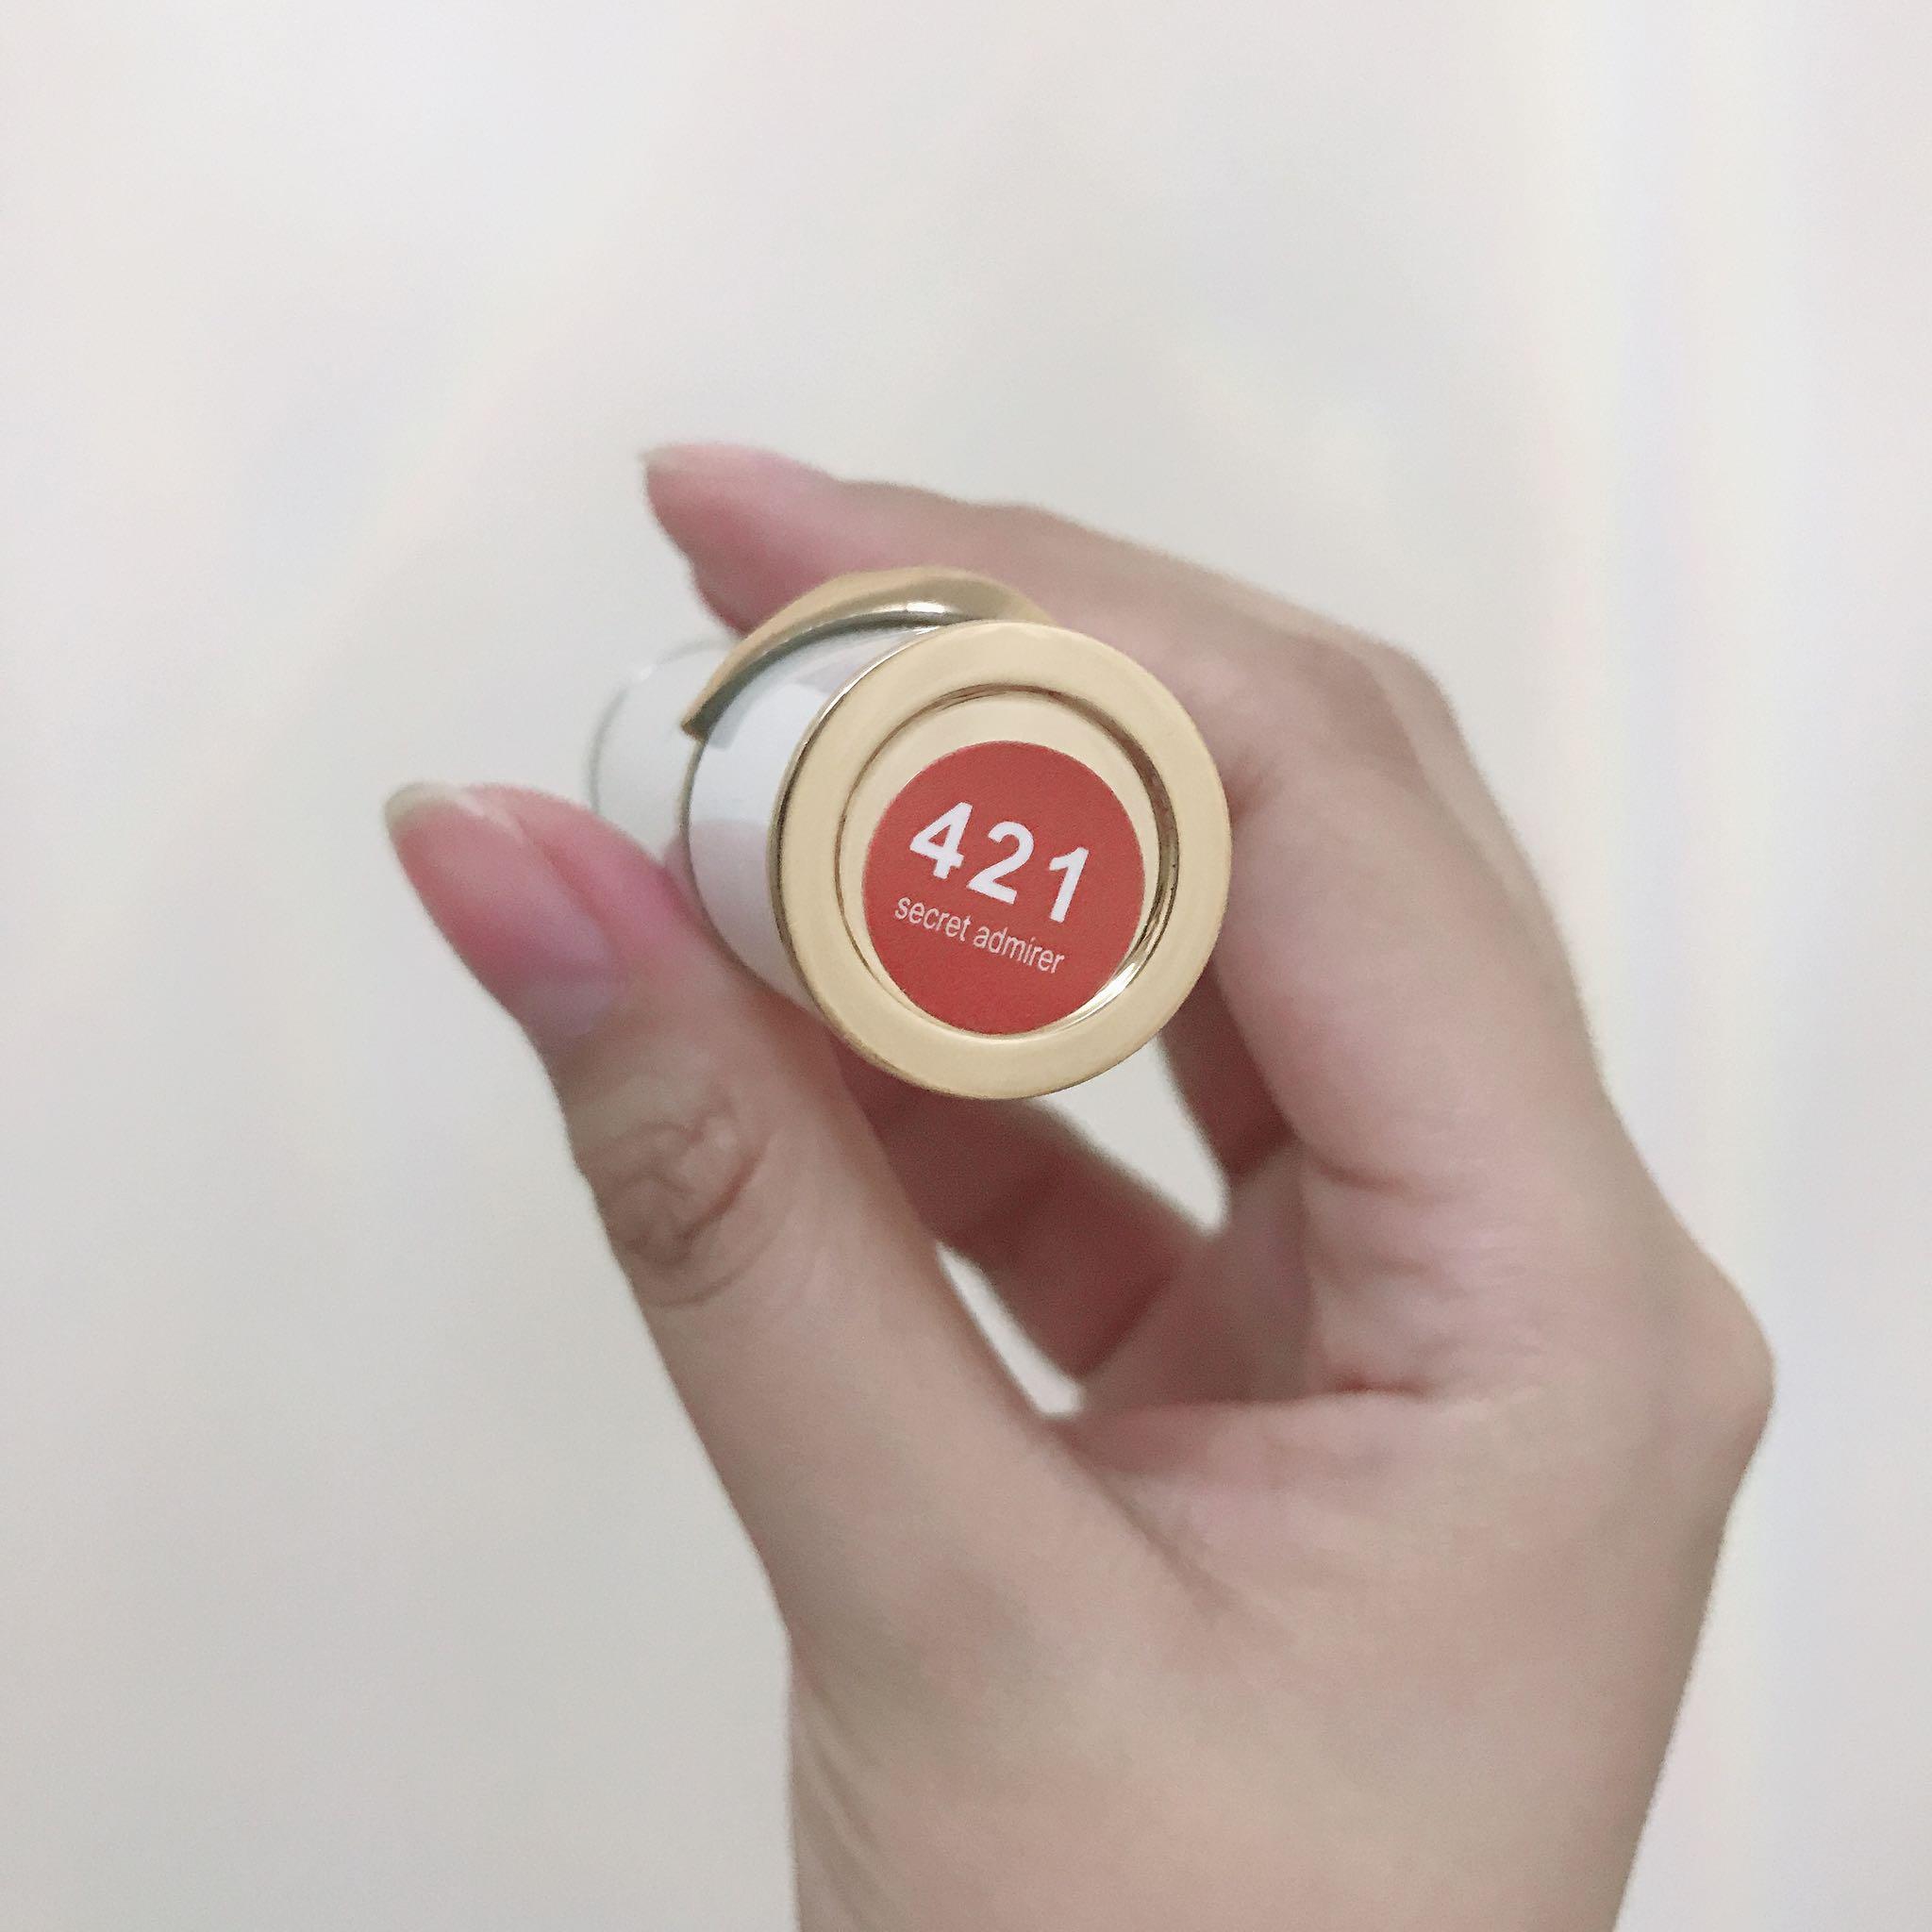 she.likes.amelie 421号色是支红色偏橘很显白的口红